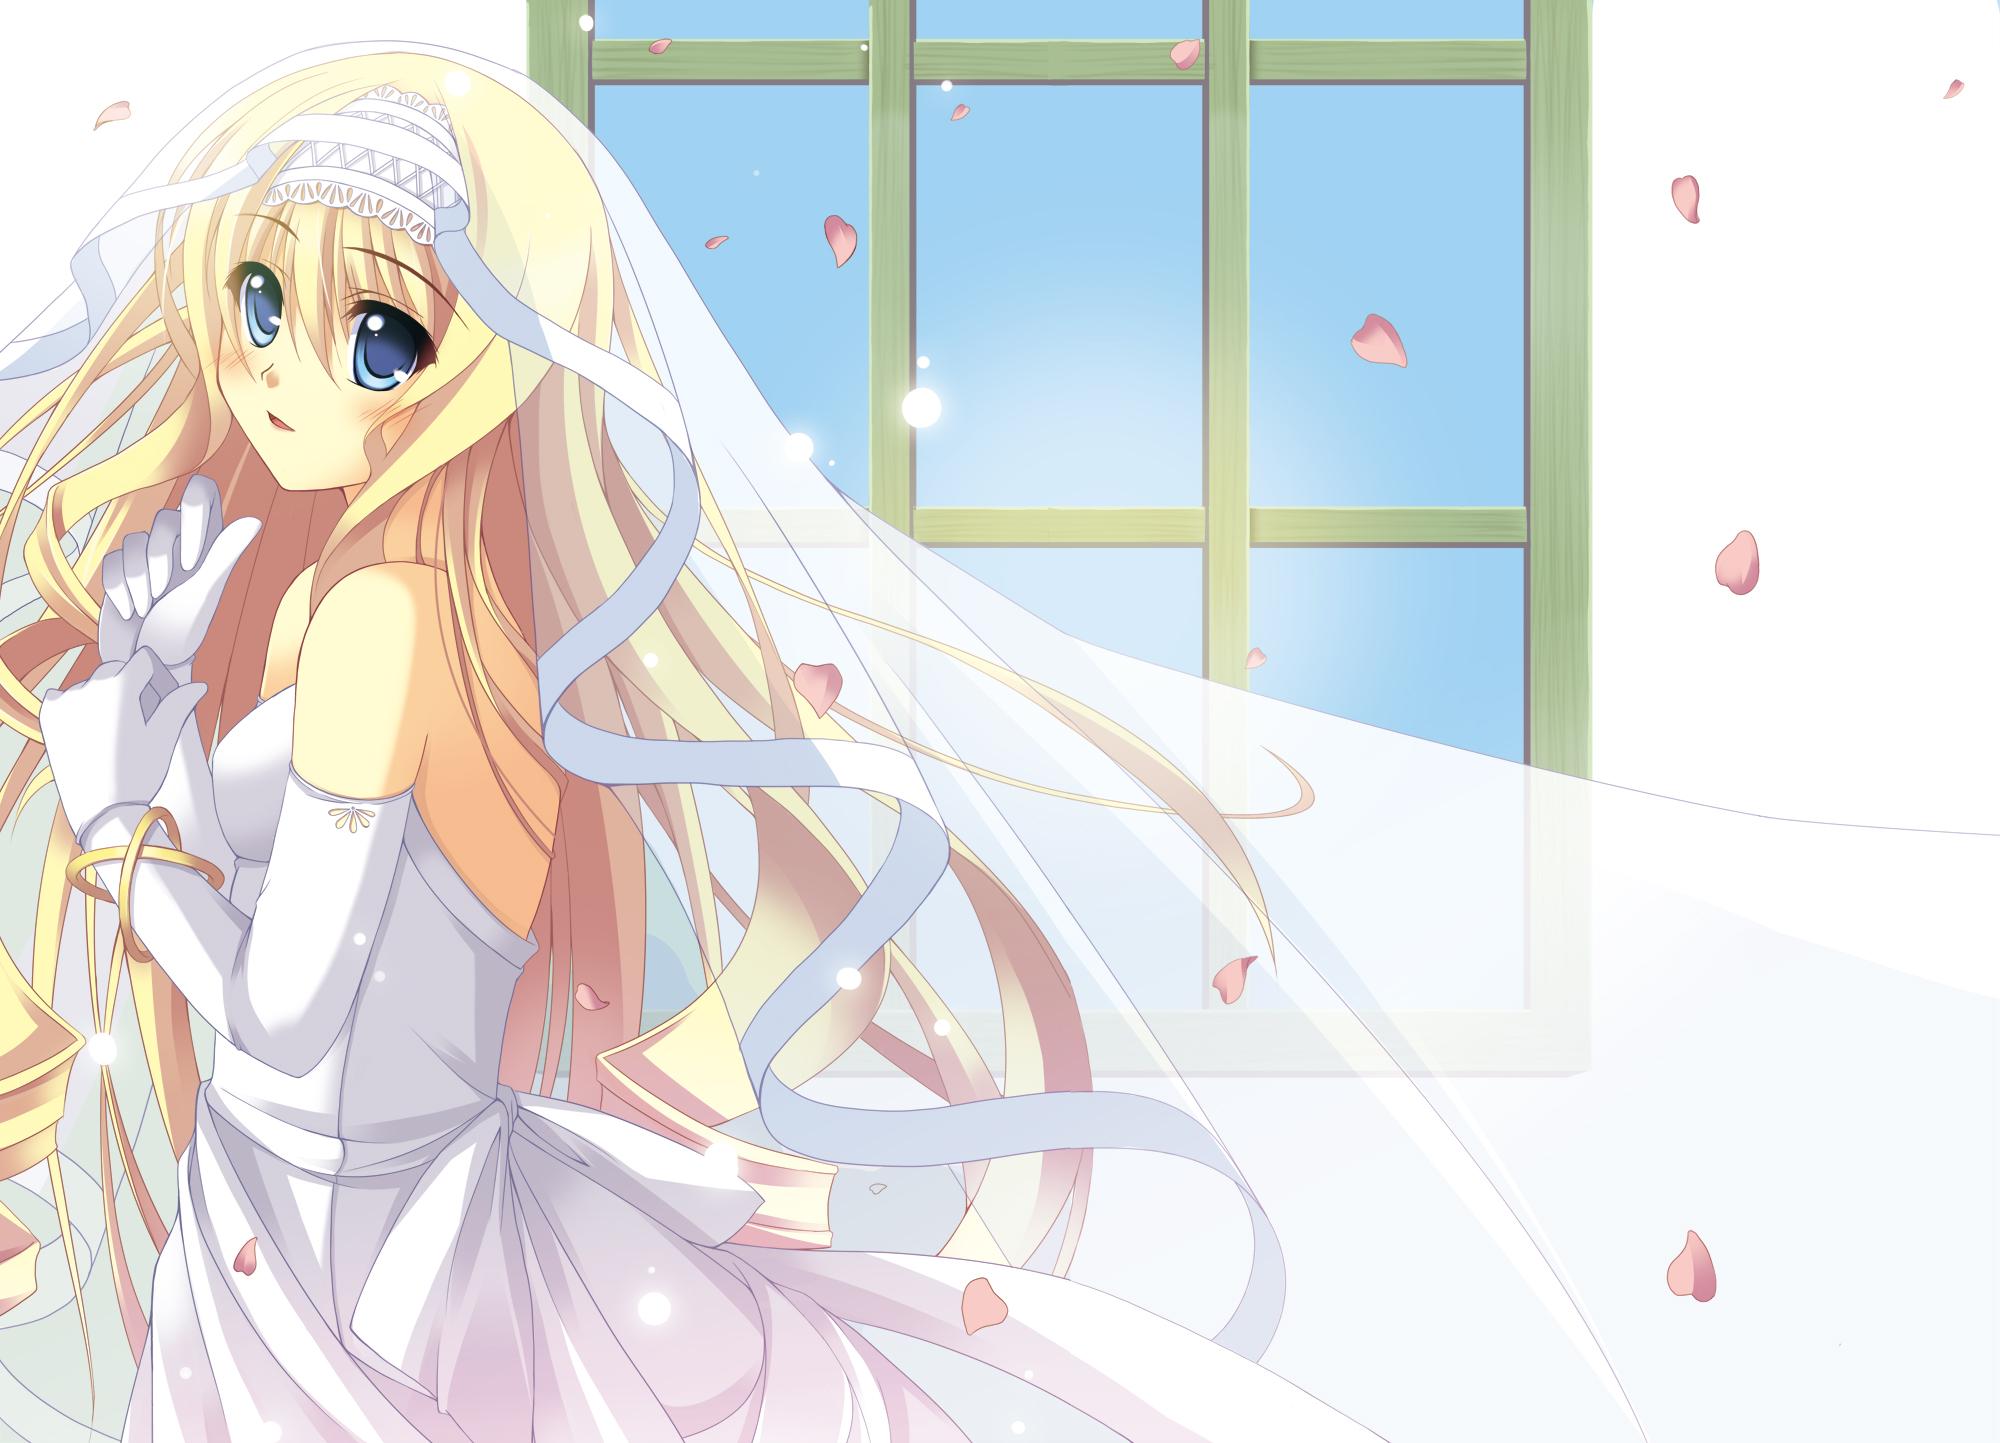 Девушка в свадебном платье аниме обои ...: animexa.ru/wallpaper/6035.html